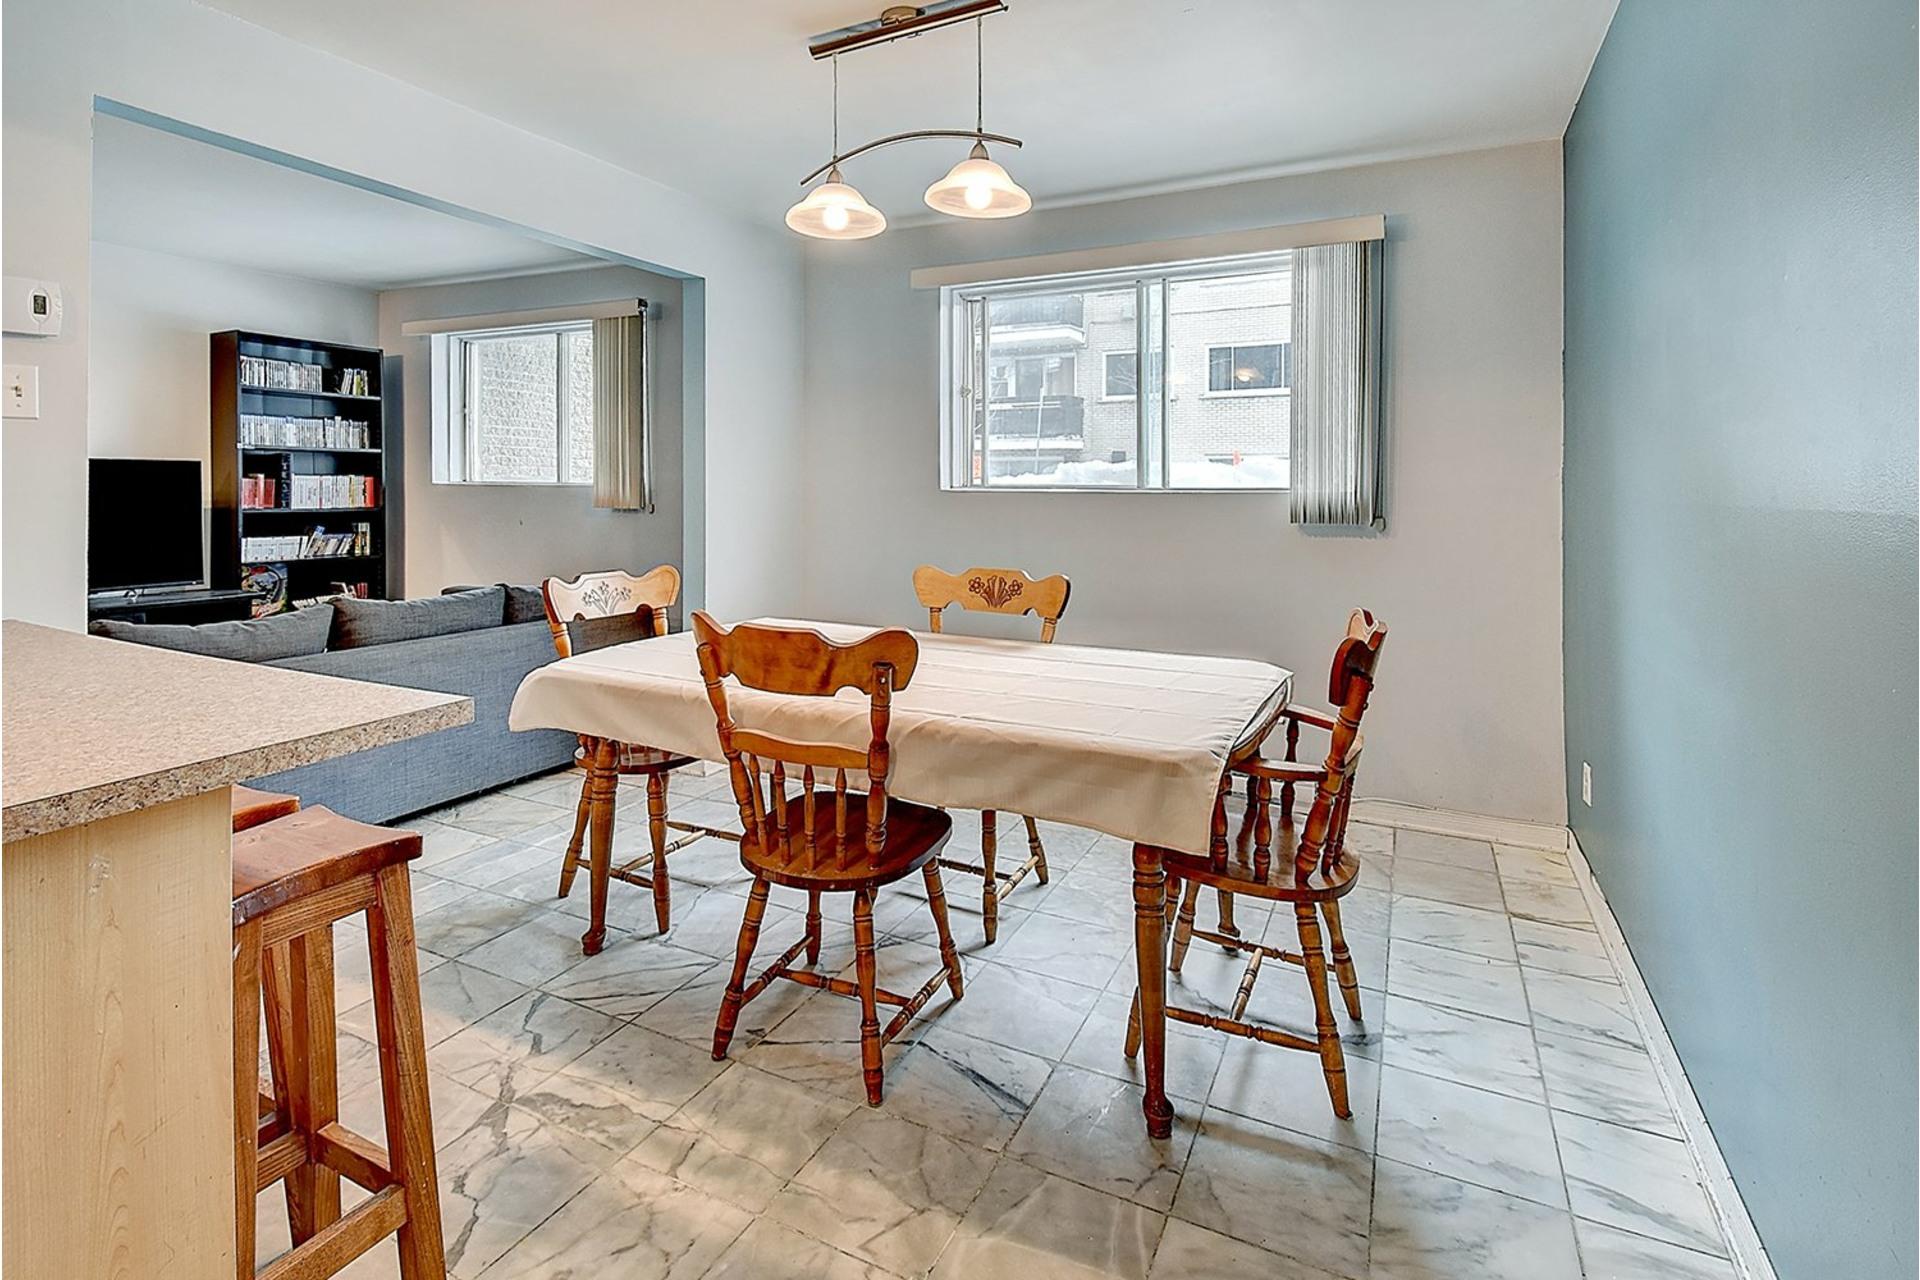 image 13 - Appartement À vendre Verdun/Île-des-Soeurs Montréal  - 7 pièces